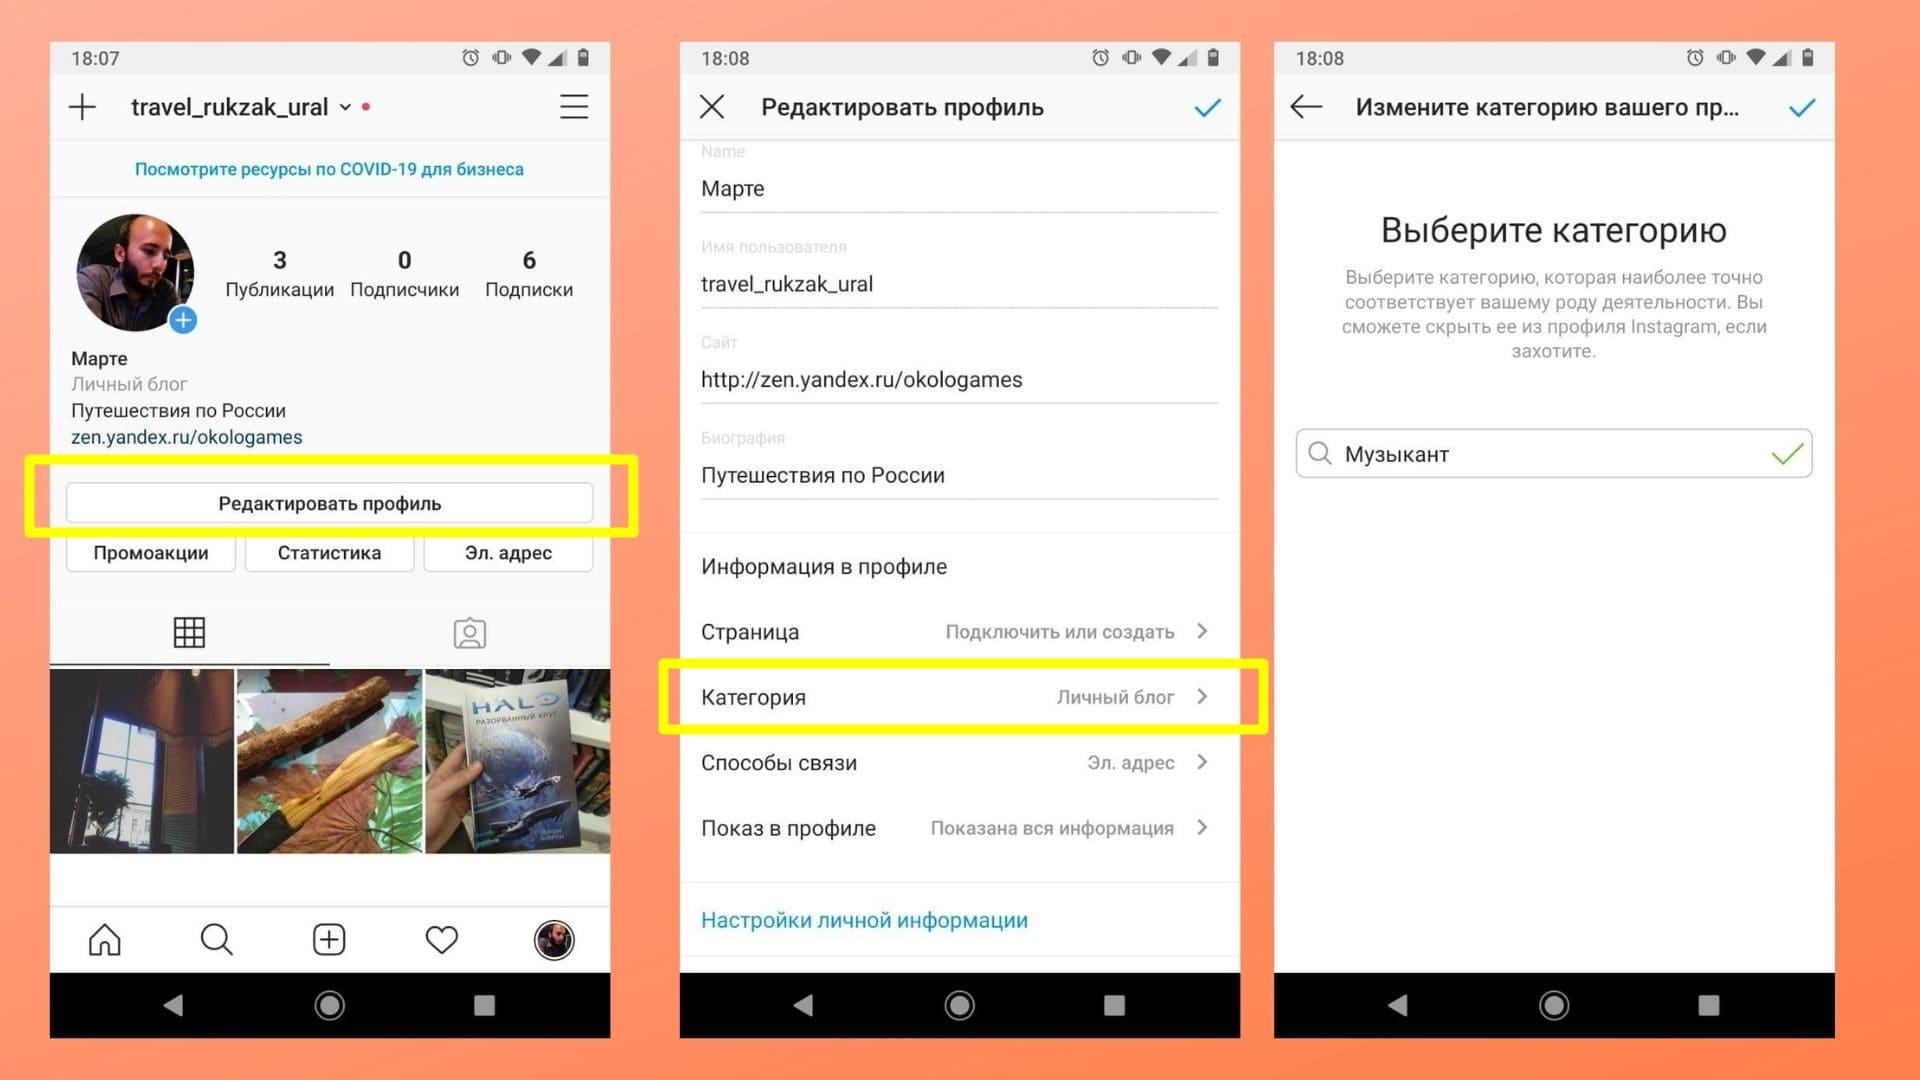 Как выбрать категорию профиля для бизнес-аккаунта в Инстаграм